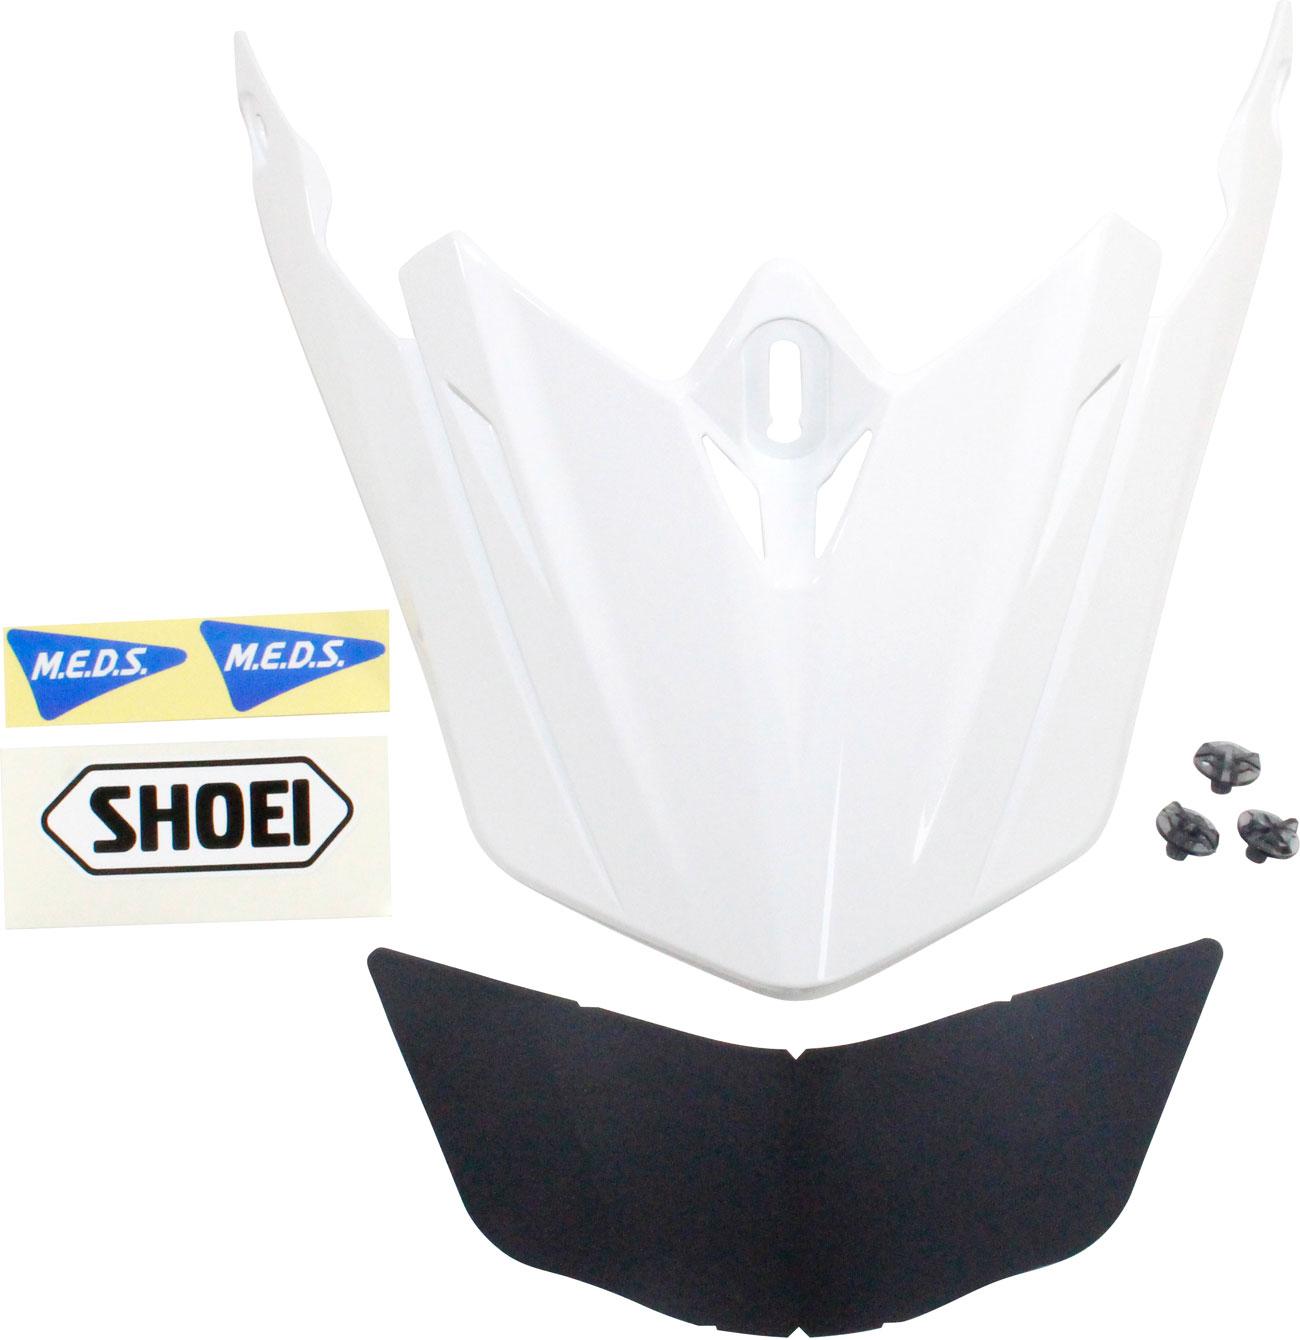 Shoei VFX-WR, Helmschirm lackierbar - Weiß 18.04.261.0